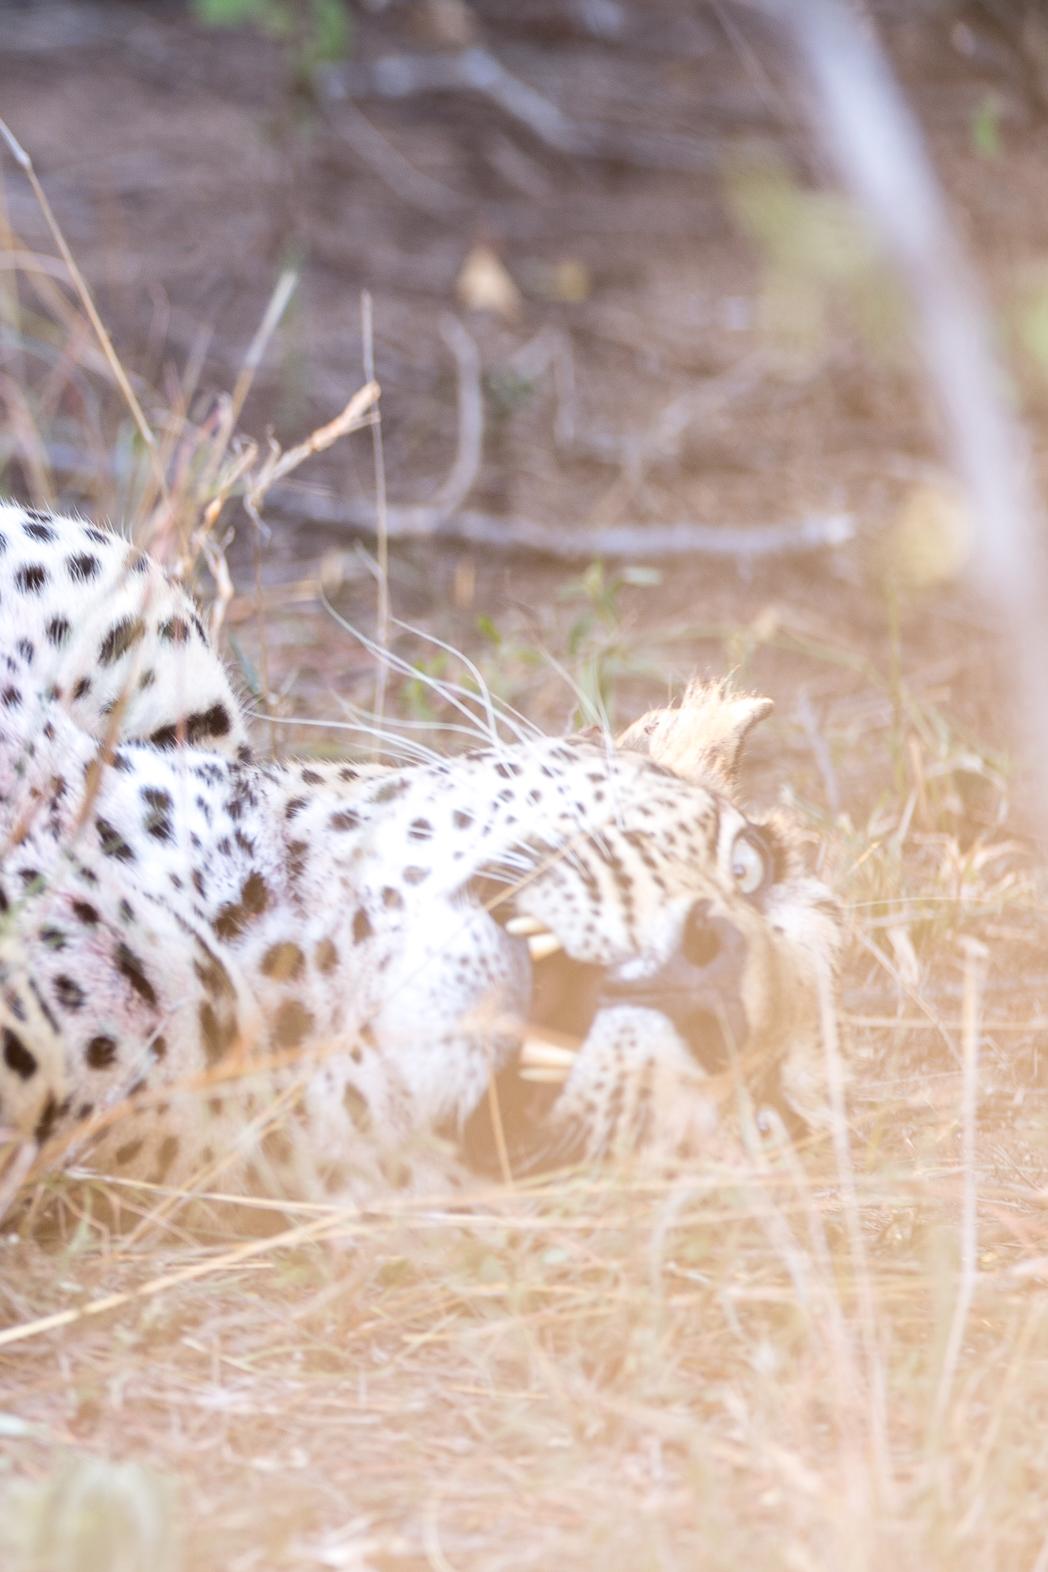 Stacie Flinner Sabi Sabi Selati Camp Kruger-37.jpg